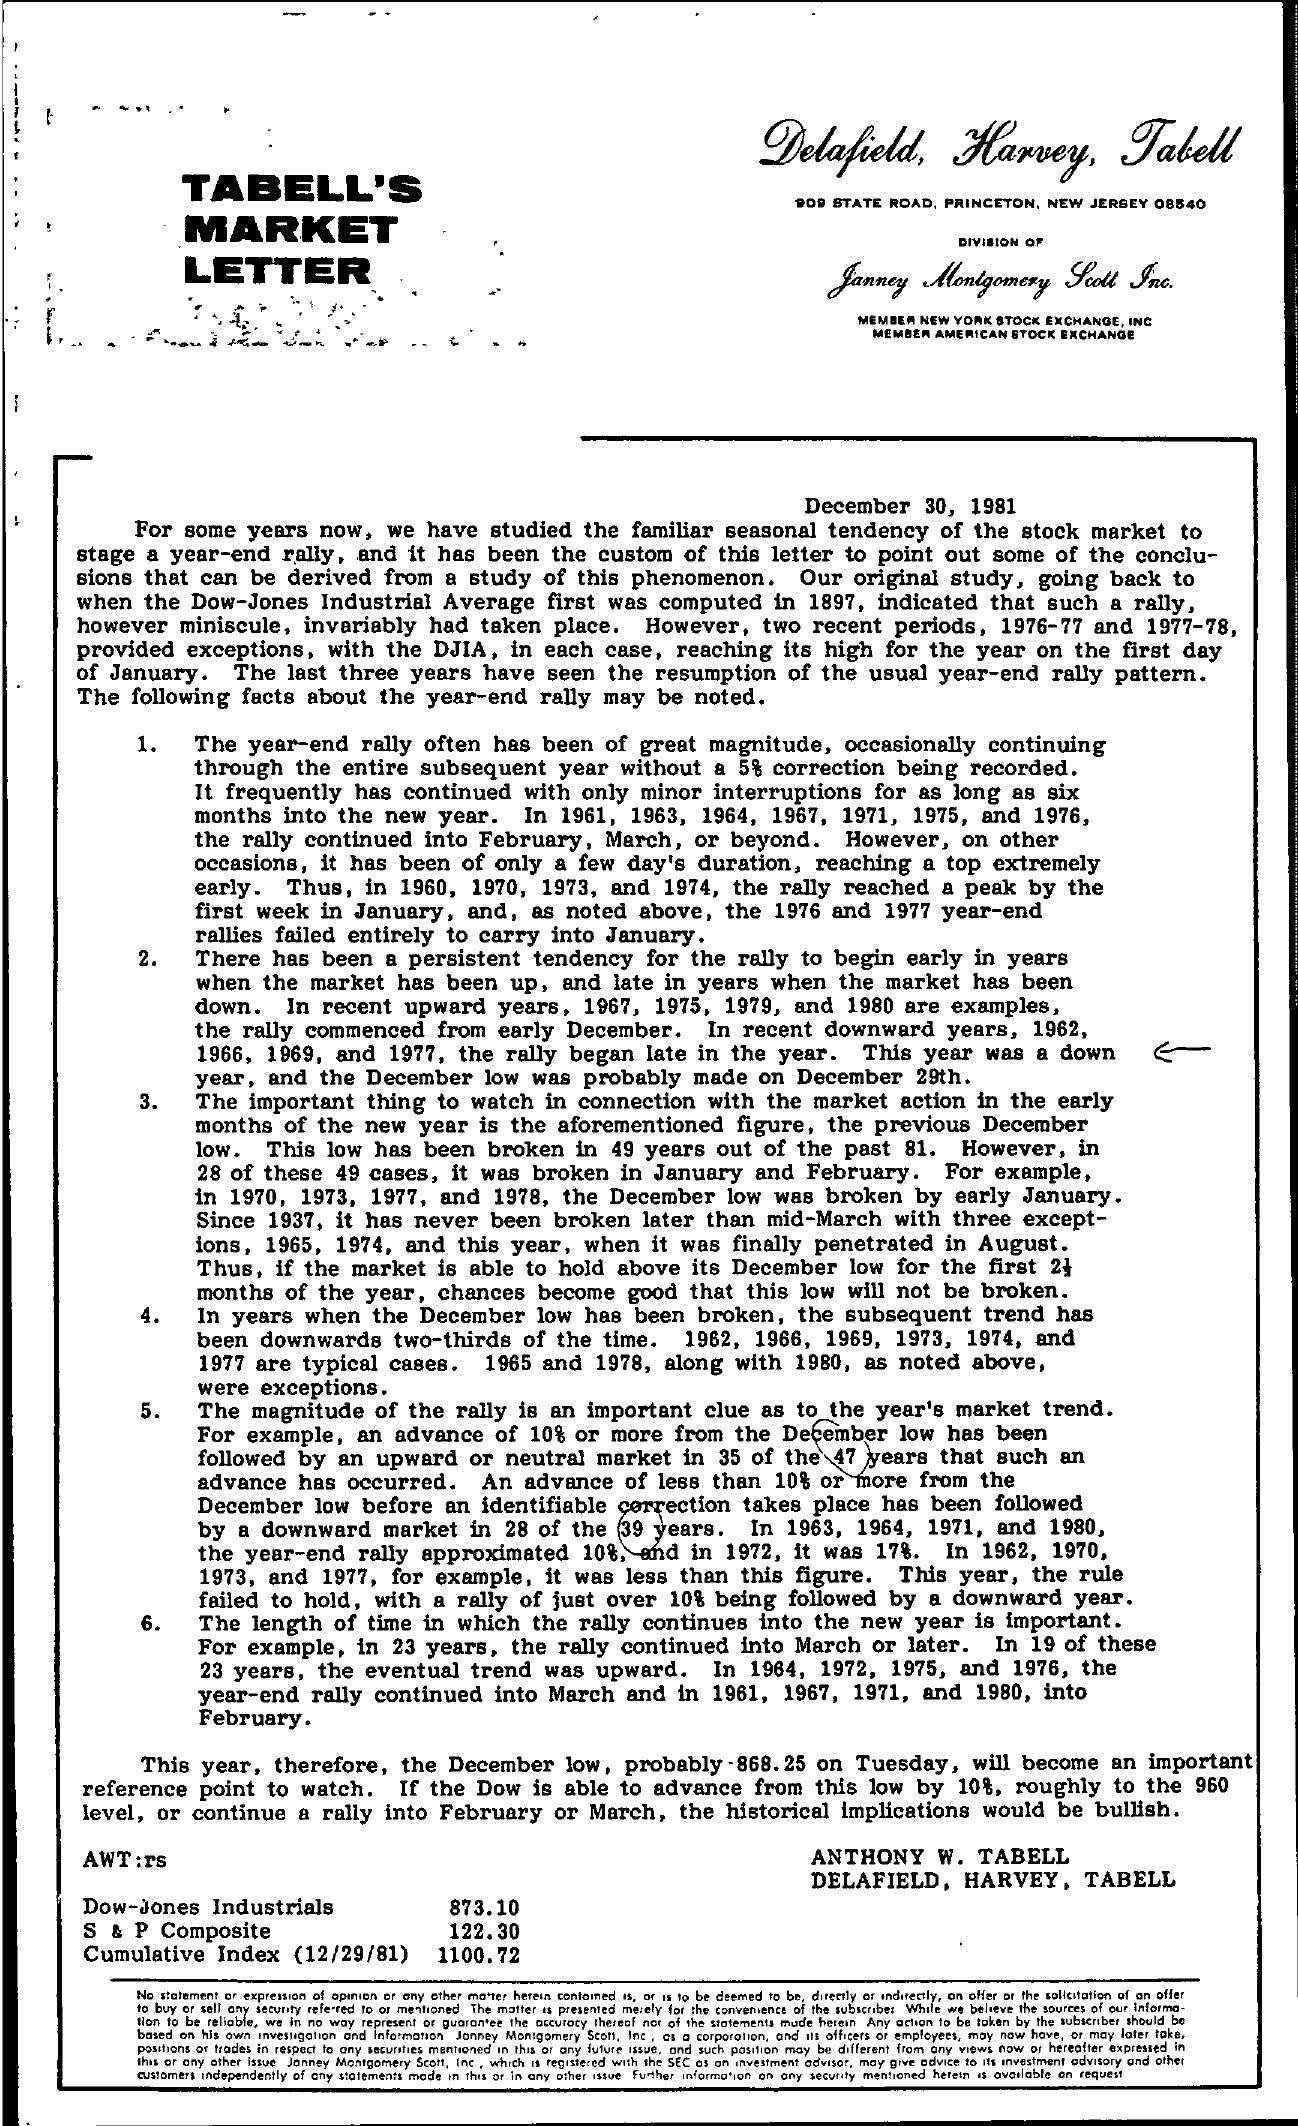 Tabell's Market Letter - December 30, 1981